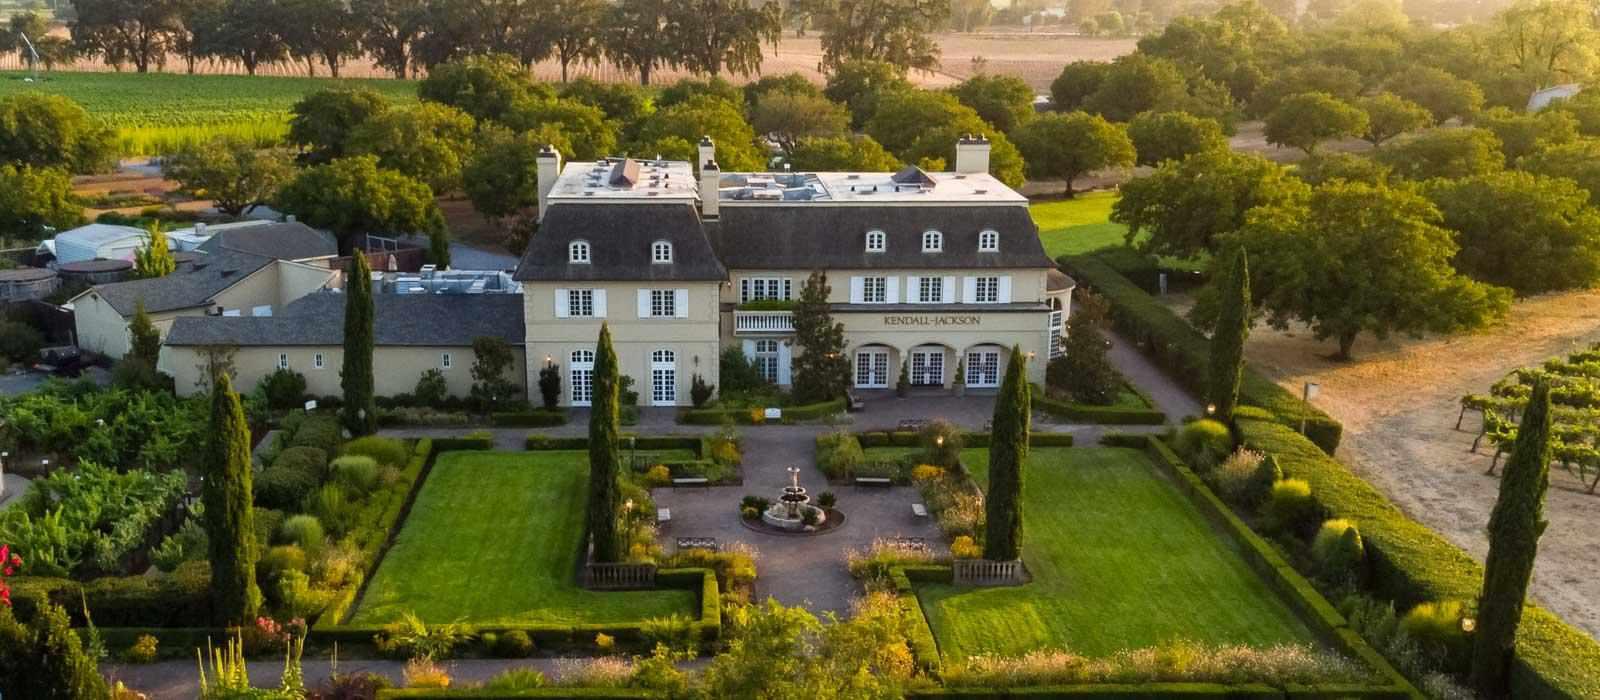 Kendall-Jackson Wine Estate